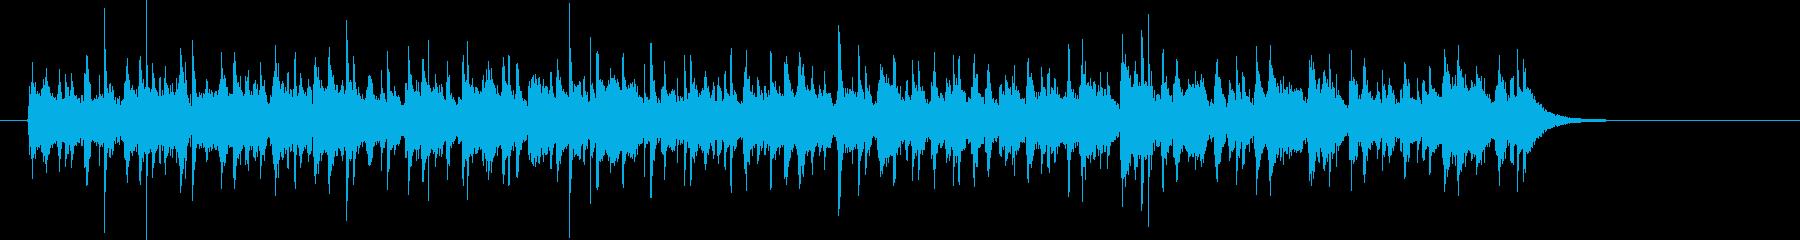 変拍子な曲ですの再生済みの波形